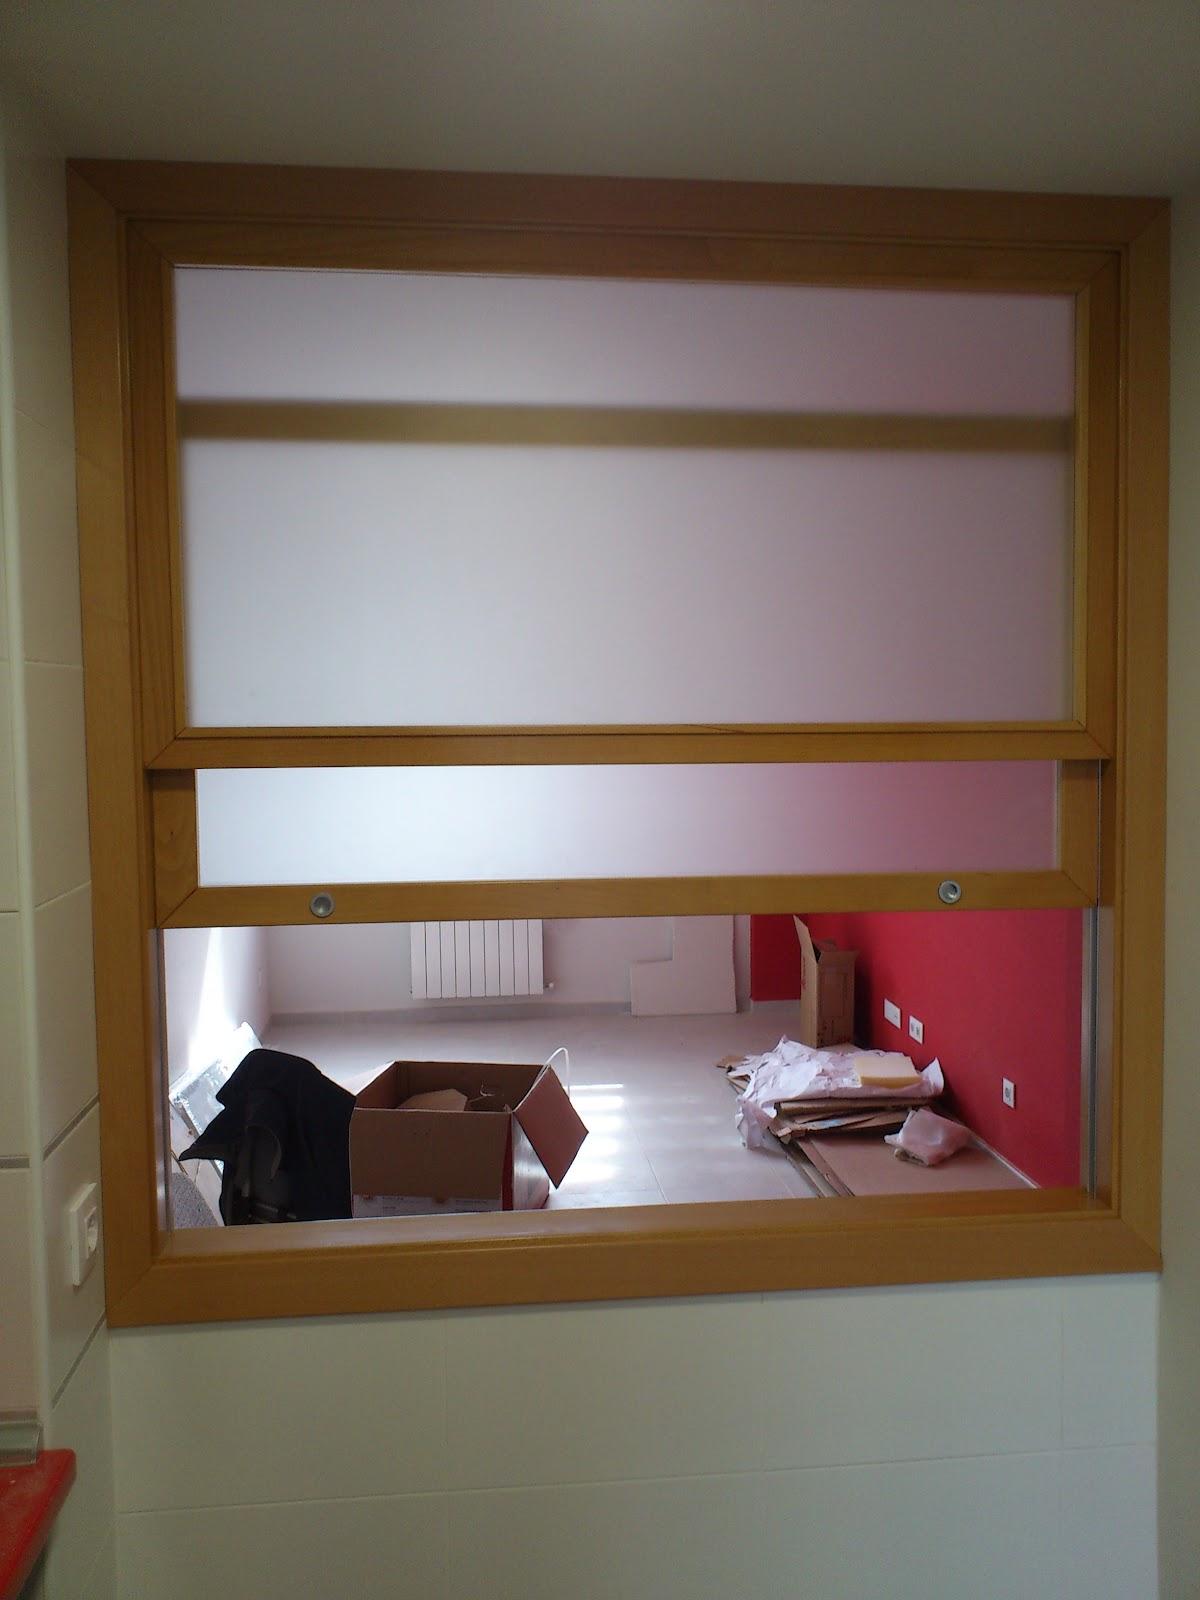 Muebles a medida ventana de guillotina entre cocina y salon for Ventanas de aluminio para cocina